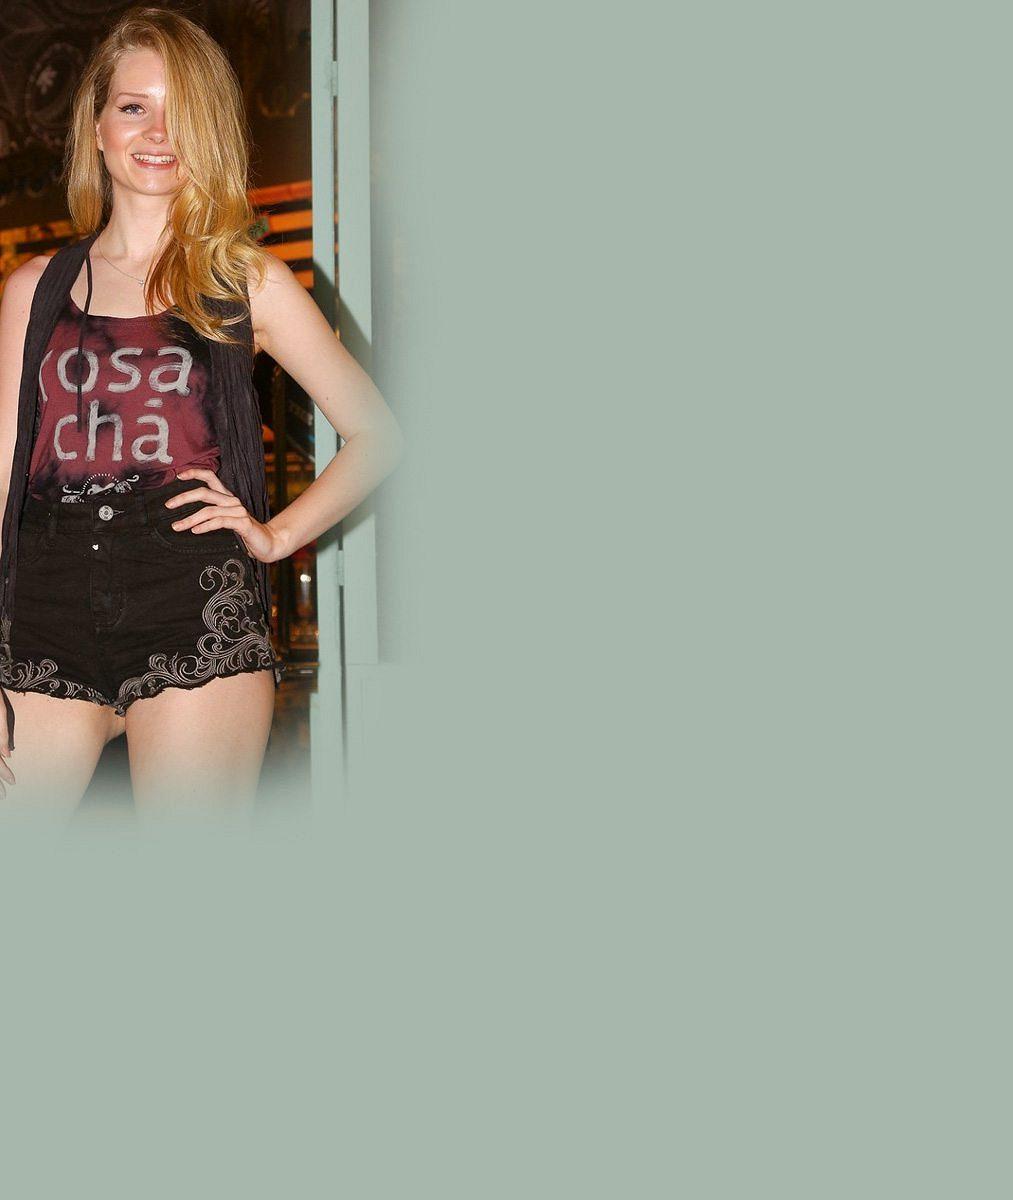 Kate Moss může jít do důchodu: Její šestnáctiletá sestra předvedla dokonalá stehýnka v kraťounkých šortkách